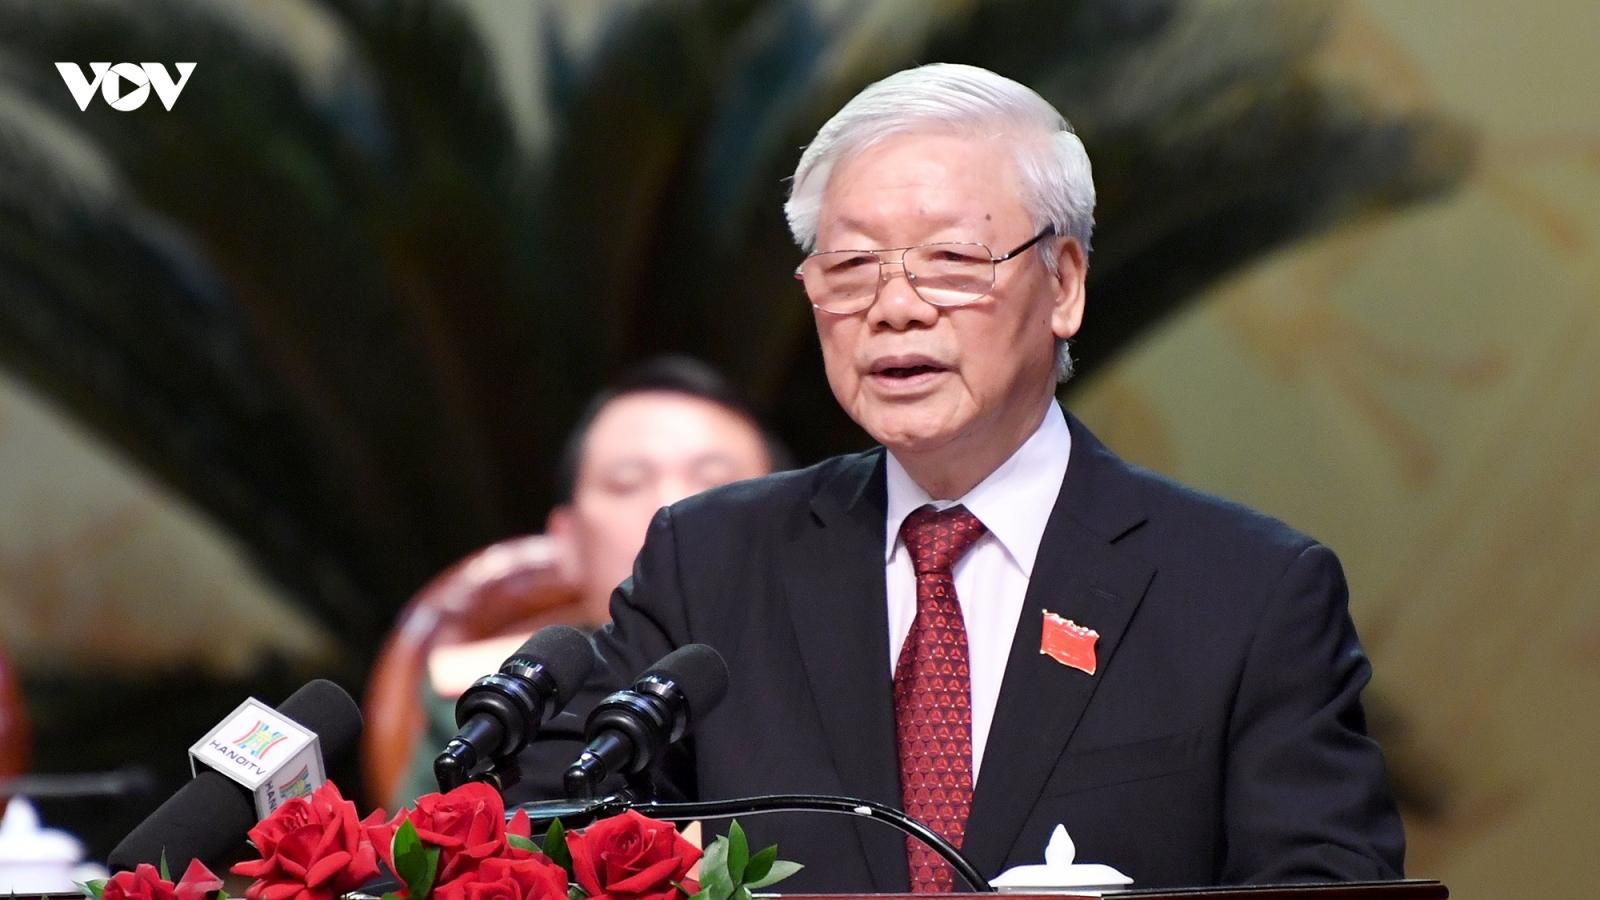 Tổng Bí thư, Chủ tịch nước dự, chỉ đạo Đại hội Đảng bộ Hà Nội lần thứ XVII